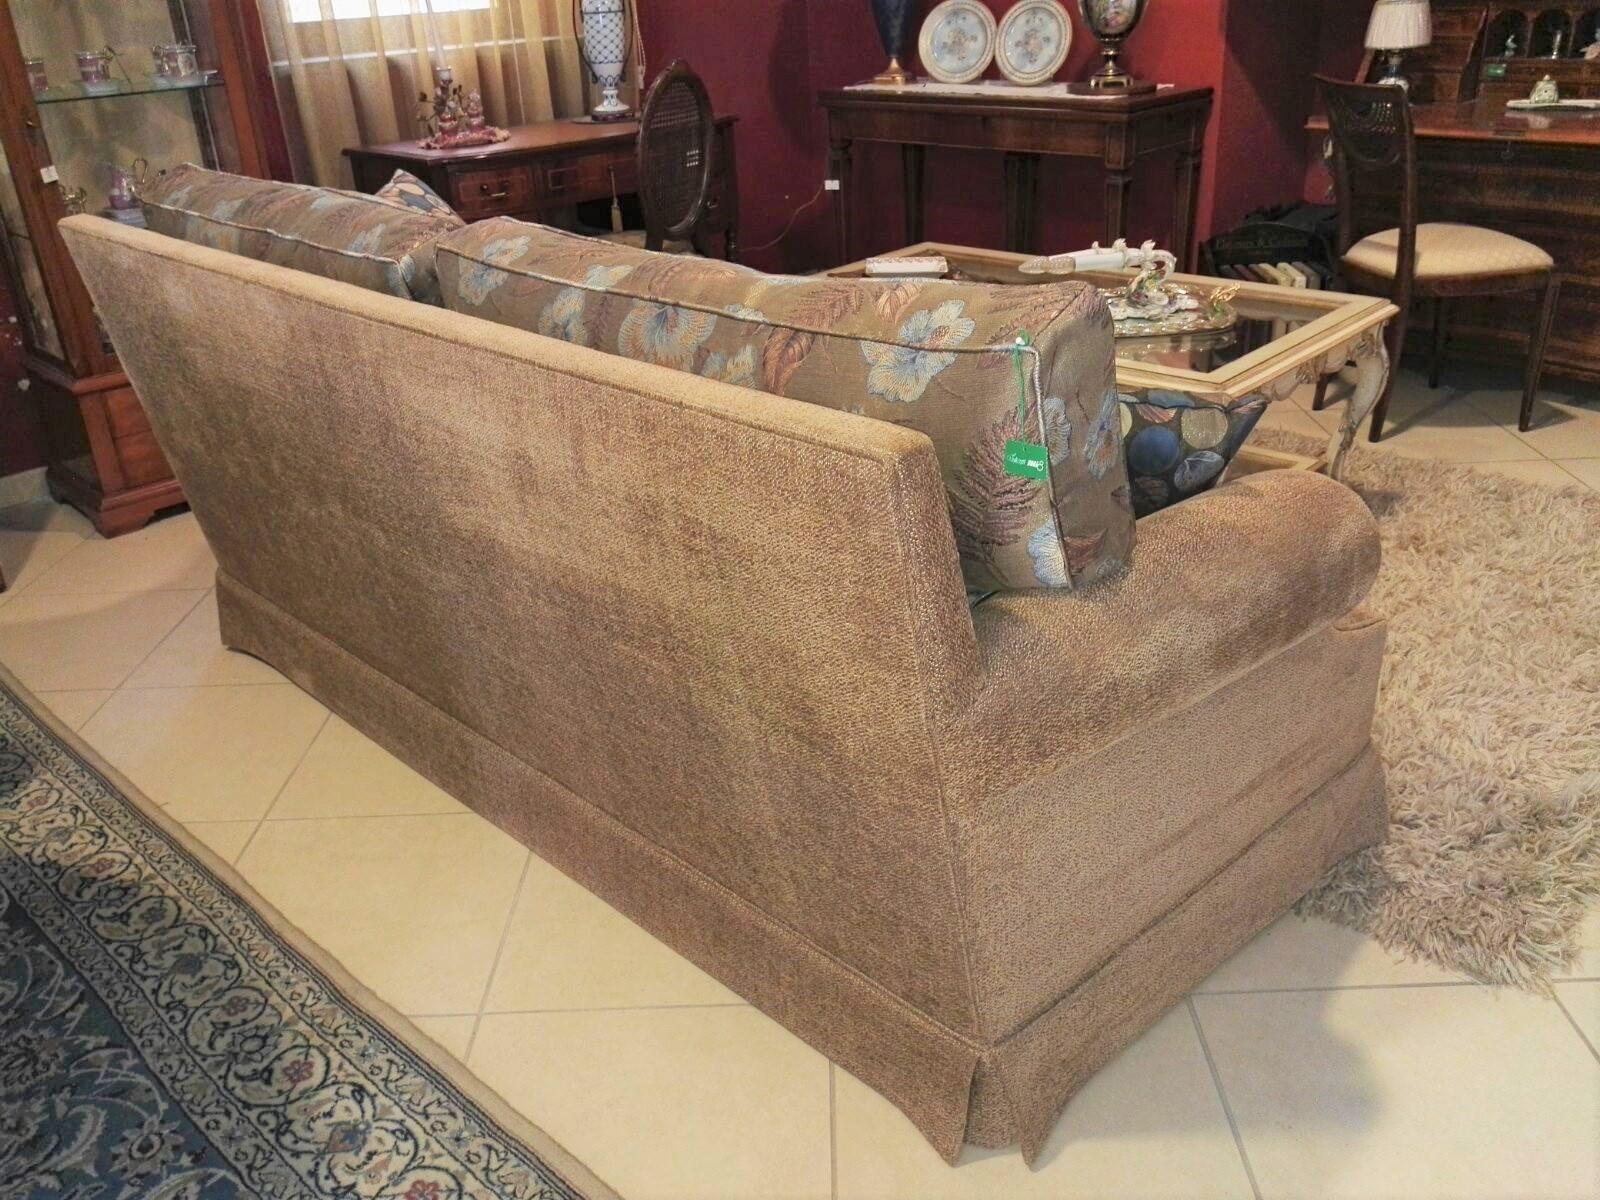 Divano due posti grande in stoffa categoria lusso scontato al 40 divani a prezzi scontati - Divano al dimensioni ...